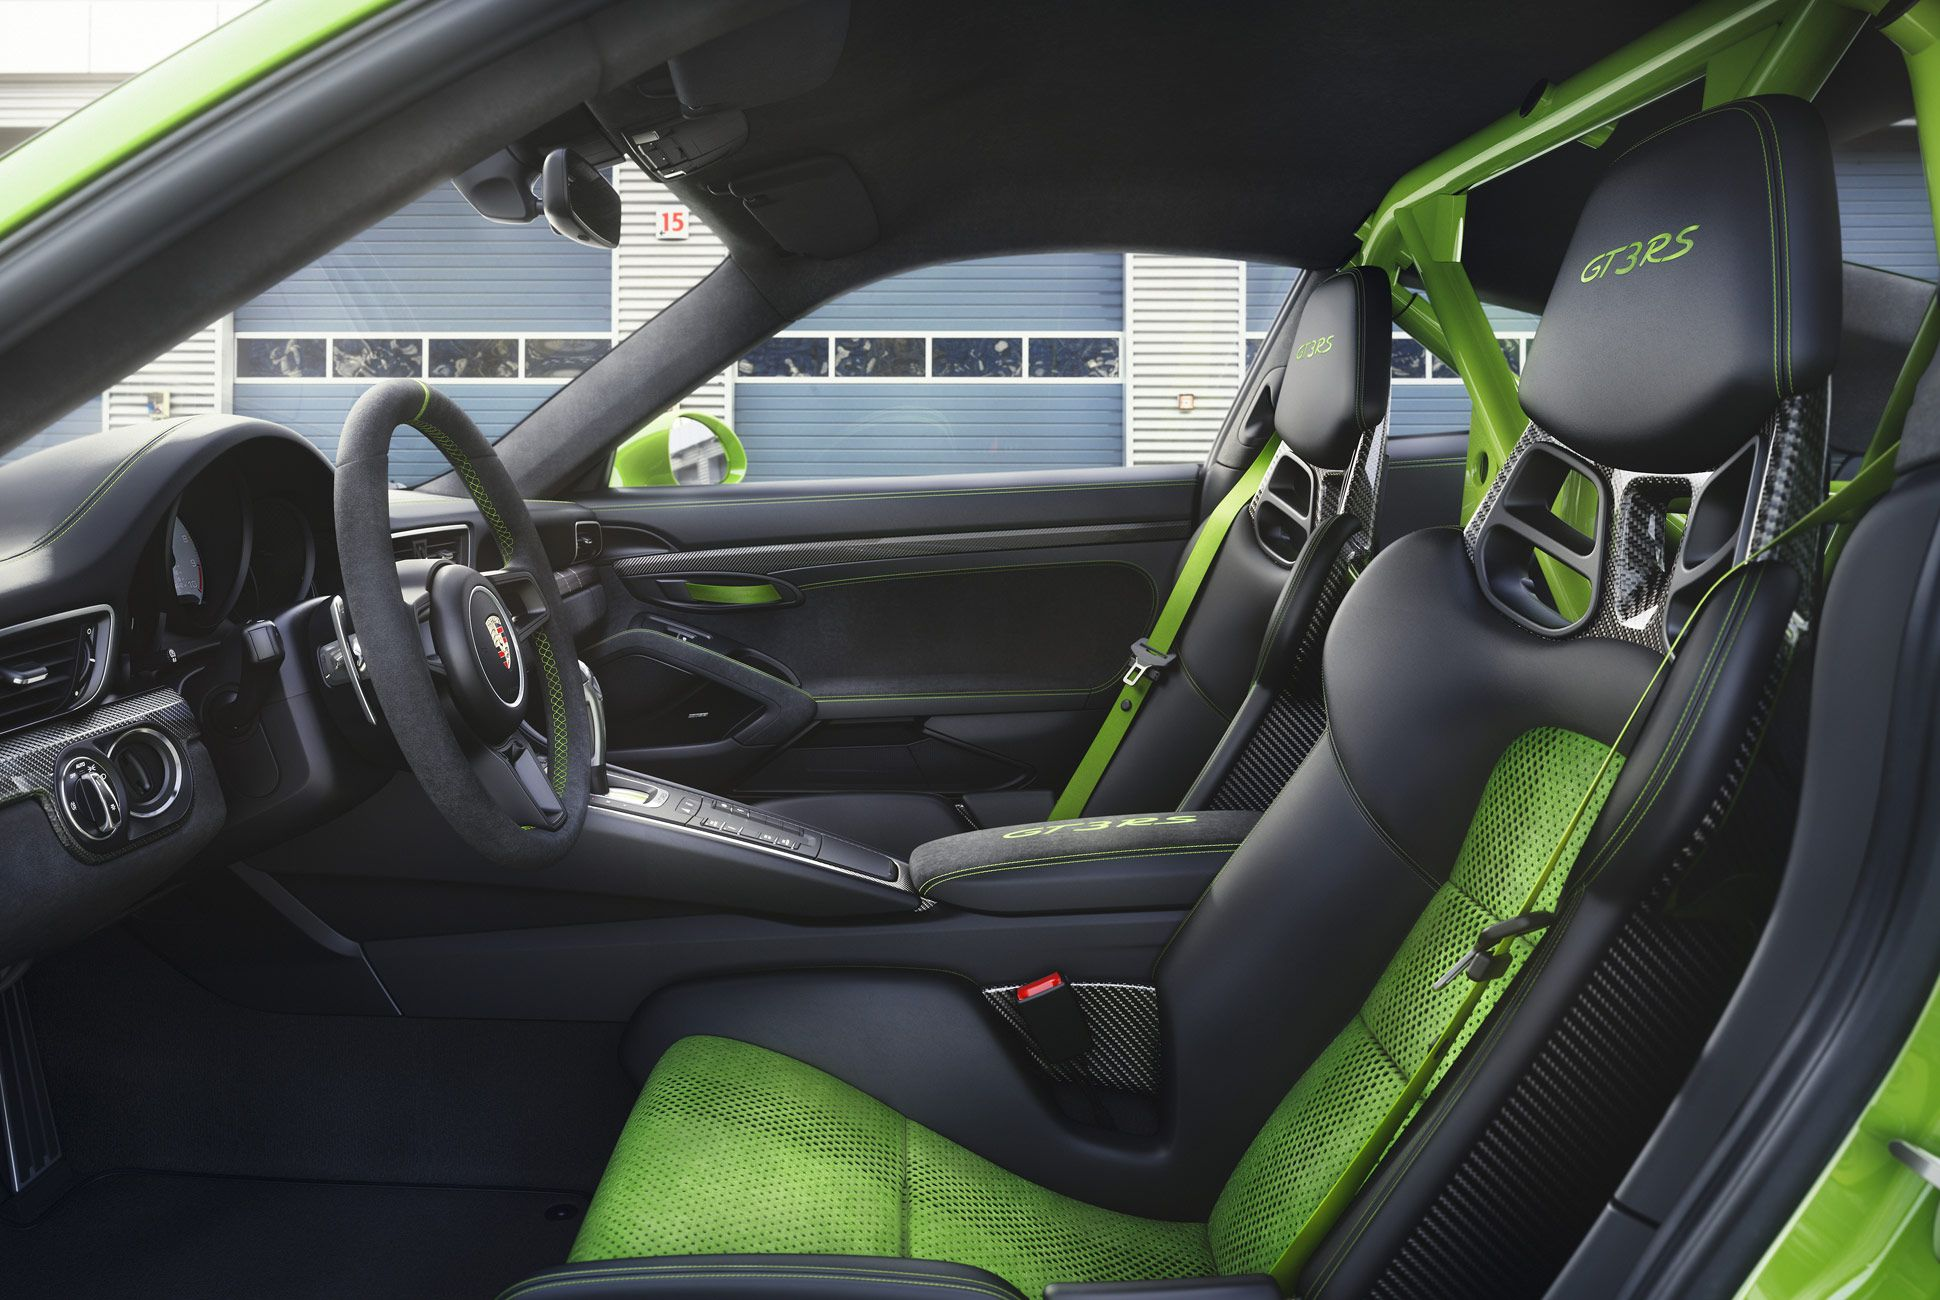 Porsche-911-GT3-RS-991-gear-patrol-slide-5